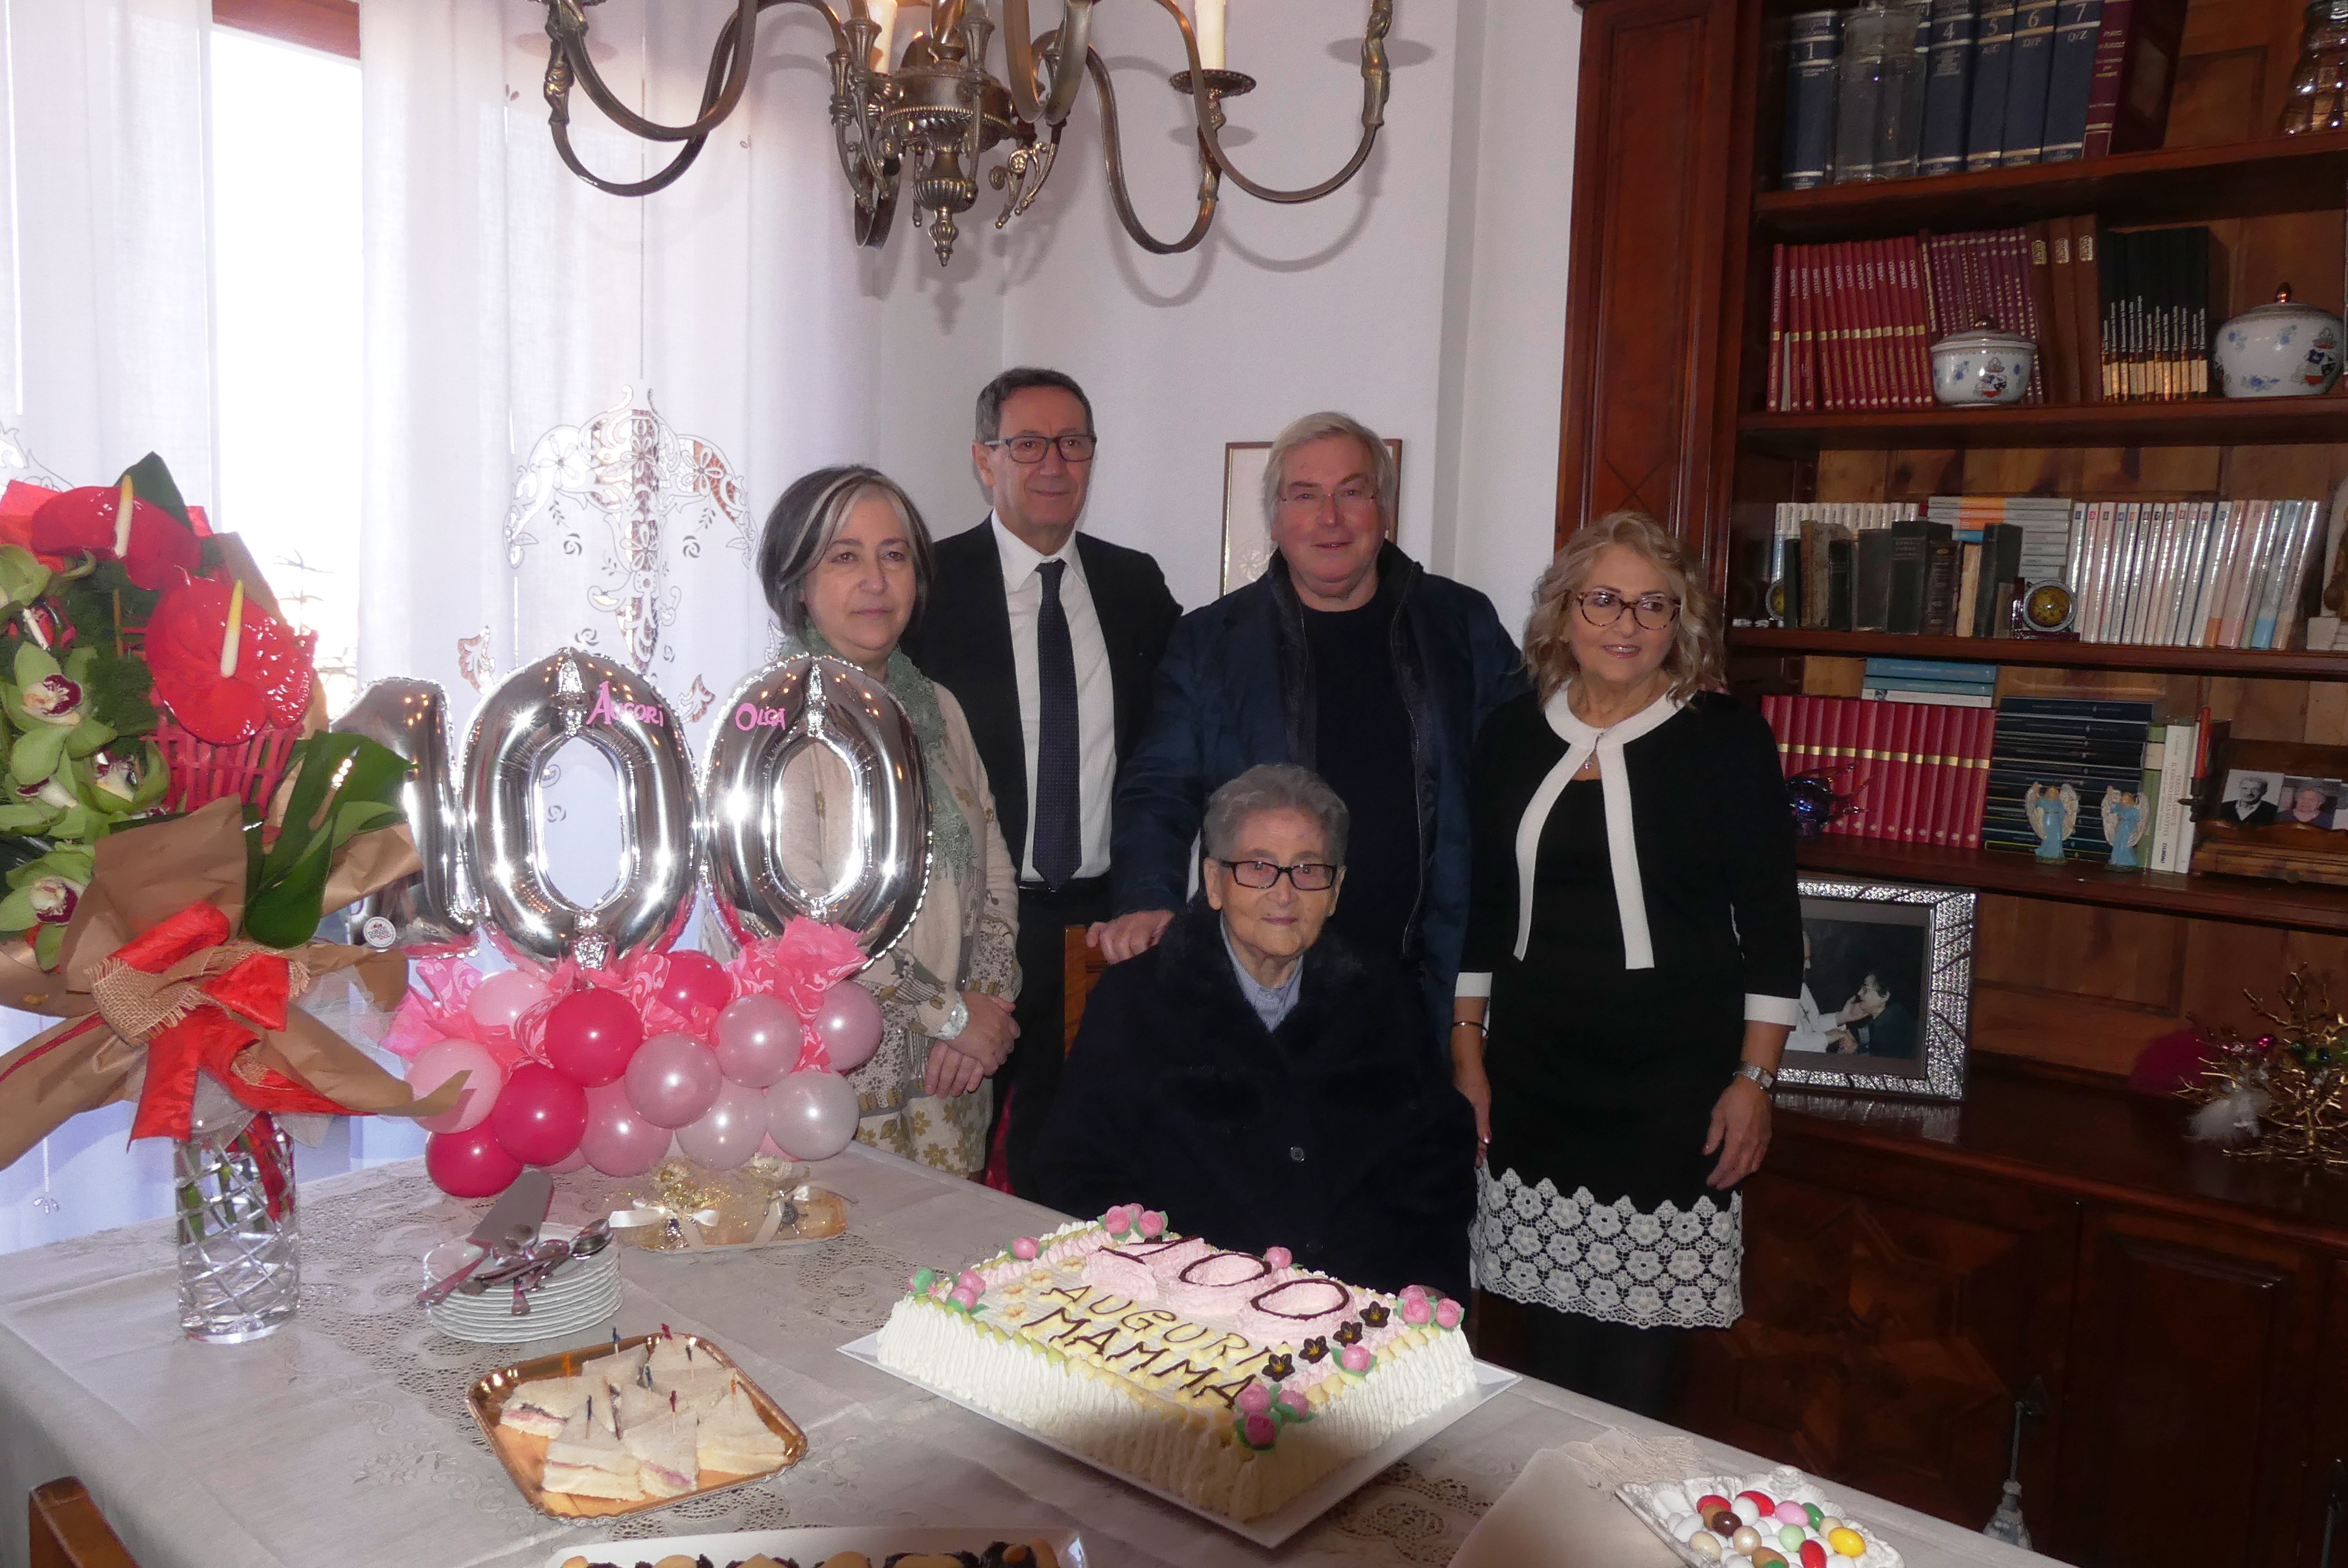 La signora Papetti festeggiata per il suo 100esimo compleanno